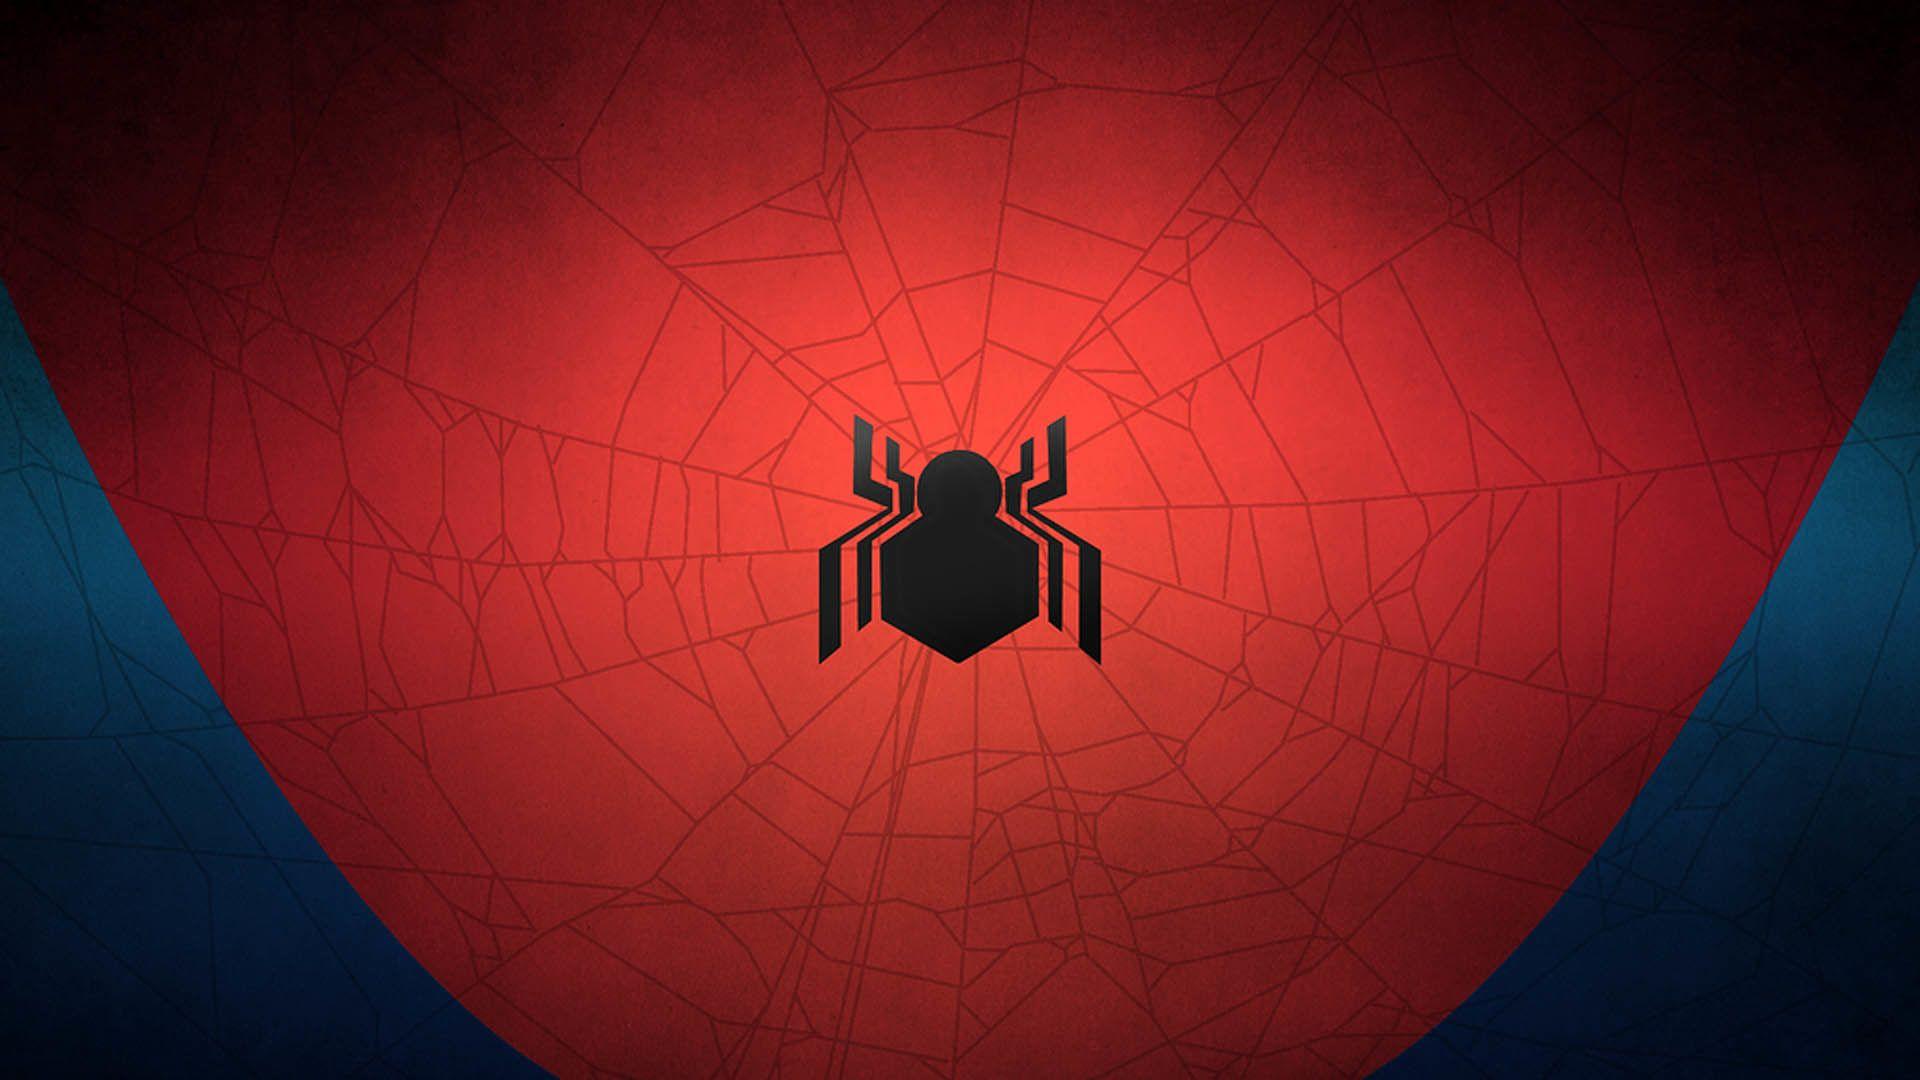 Spider Man Hd Wallpapers 1080p 1920x1080 For Iphone 6 Dengan Gambar